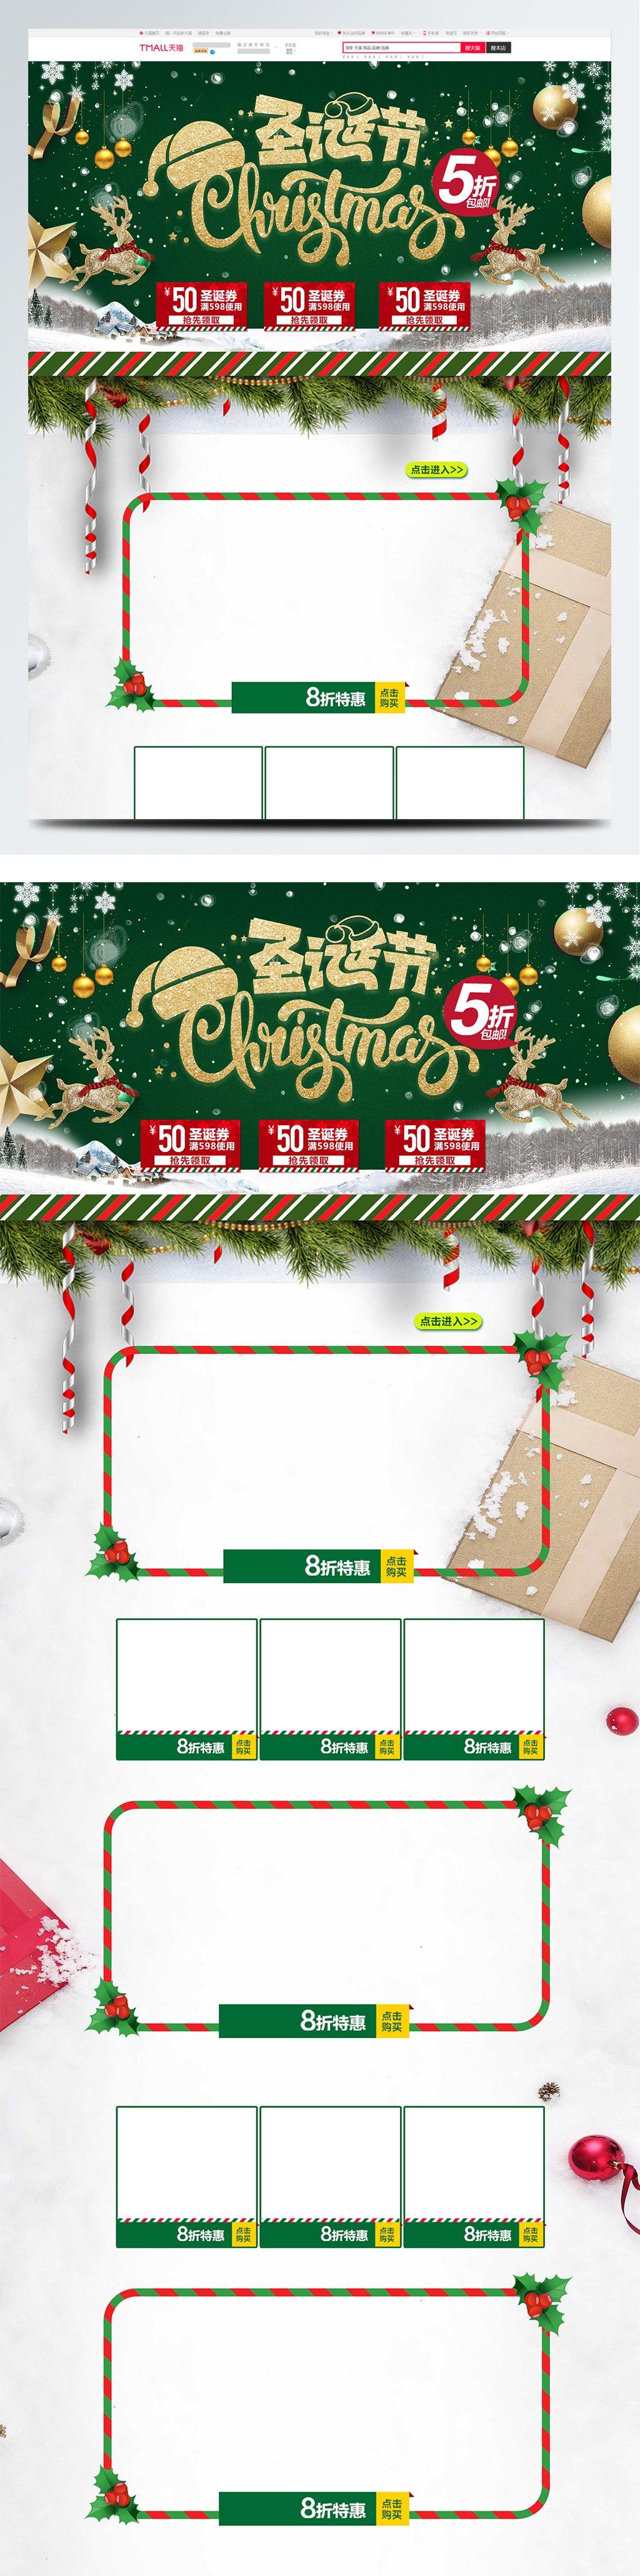 红绿色卡通促销圣诞节通用淘宝电商首页模板